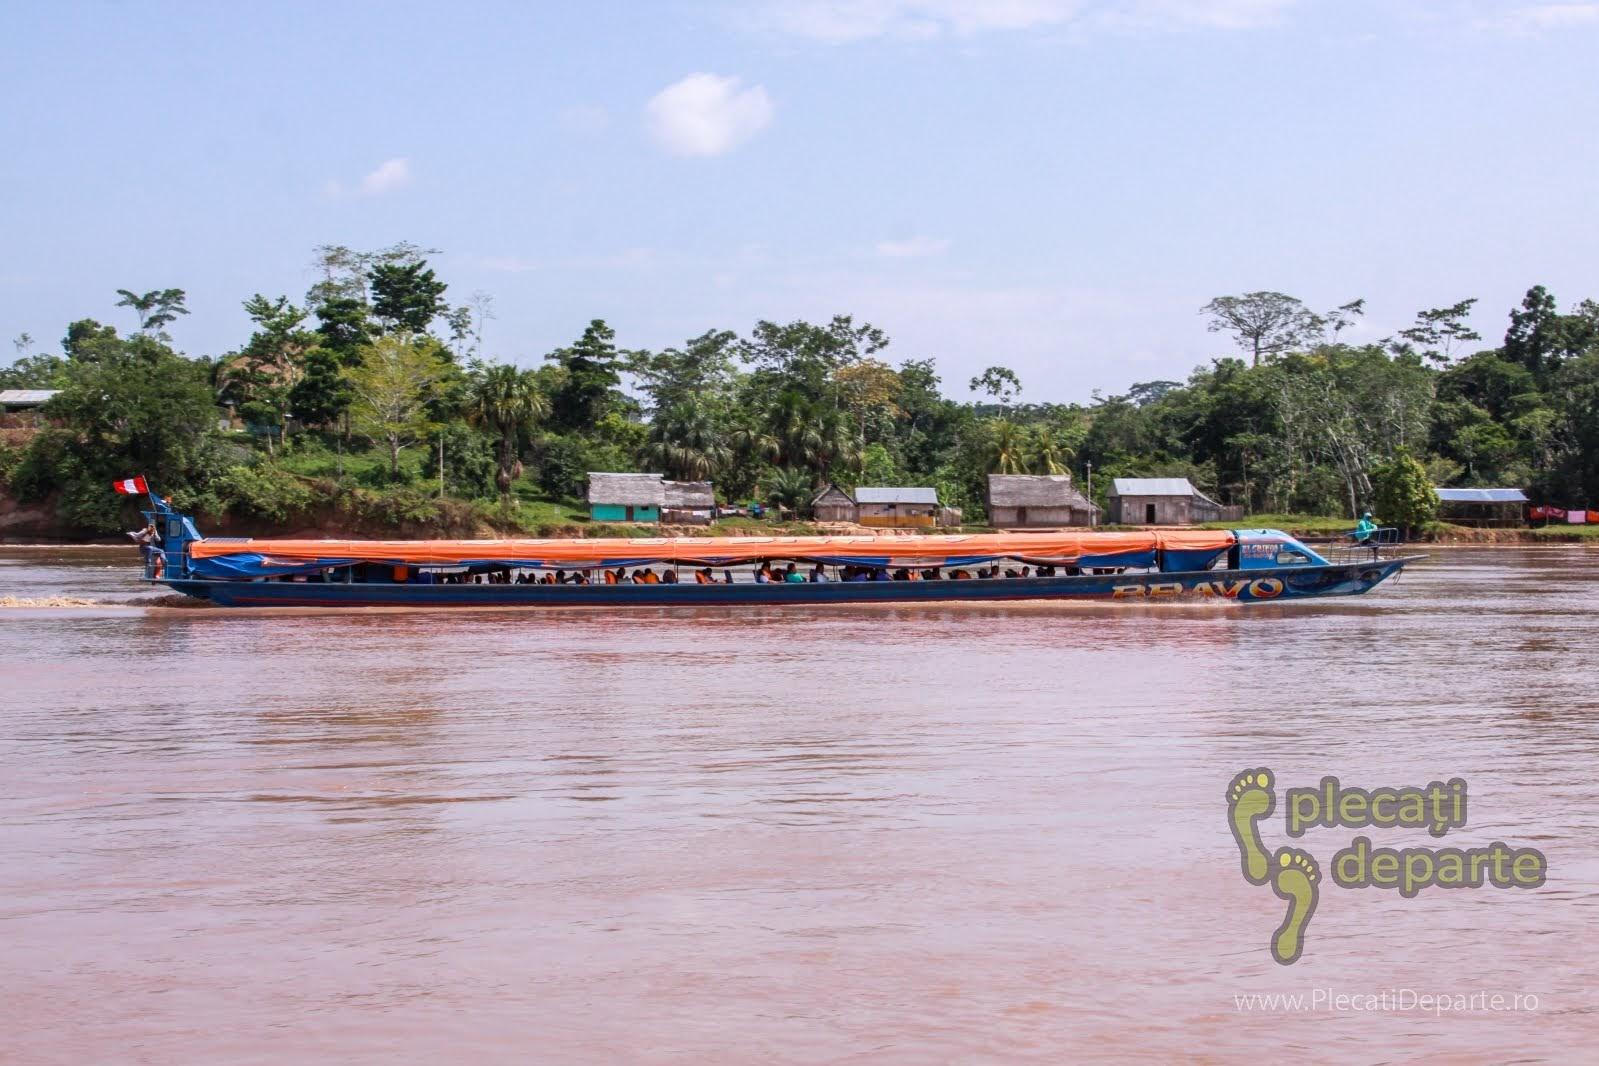 Barca metalica lunga, singurul mijloc de transport din Yurimaguas spre Lagunas, spre Rezervatia Nationala Pacaya-Samiria, Peru